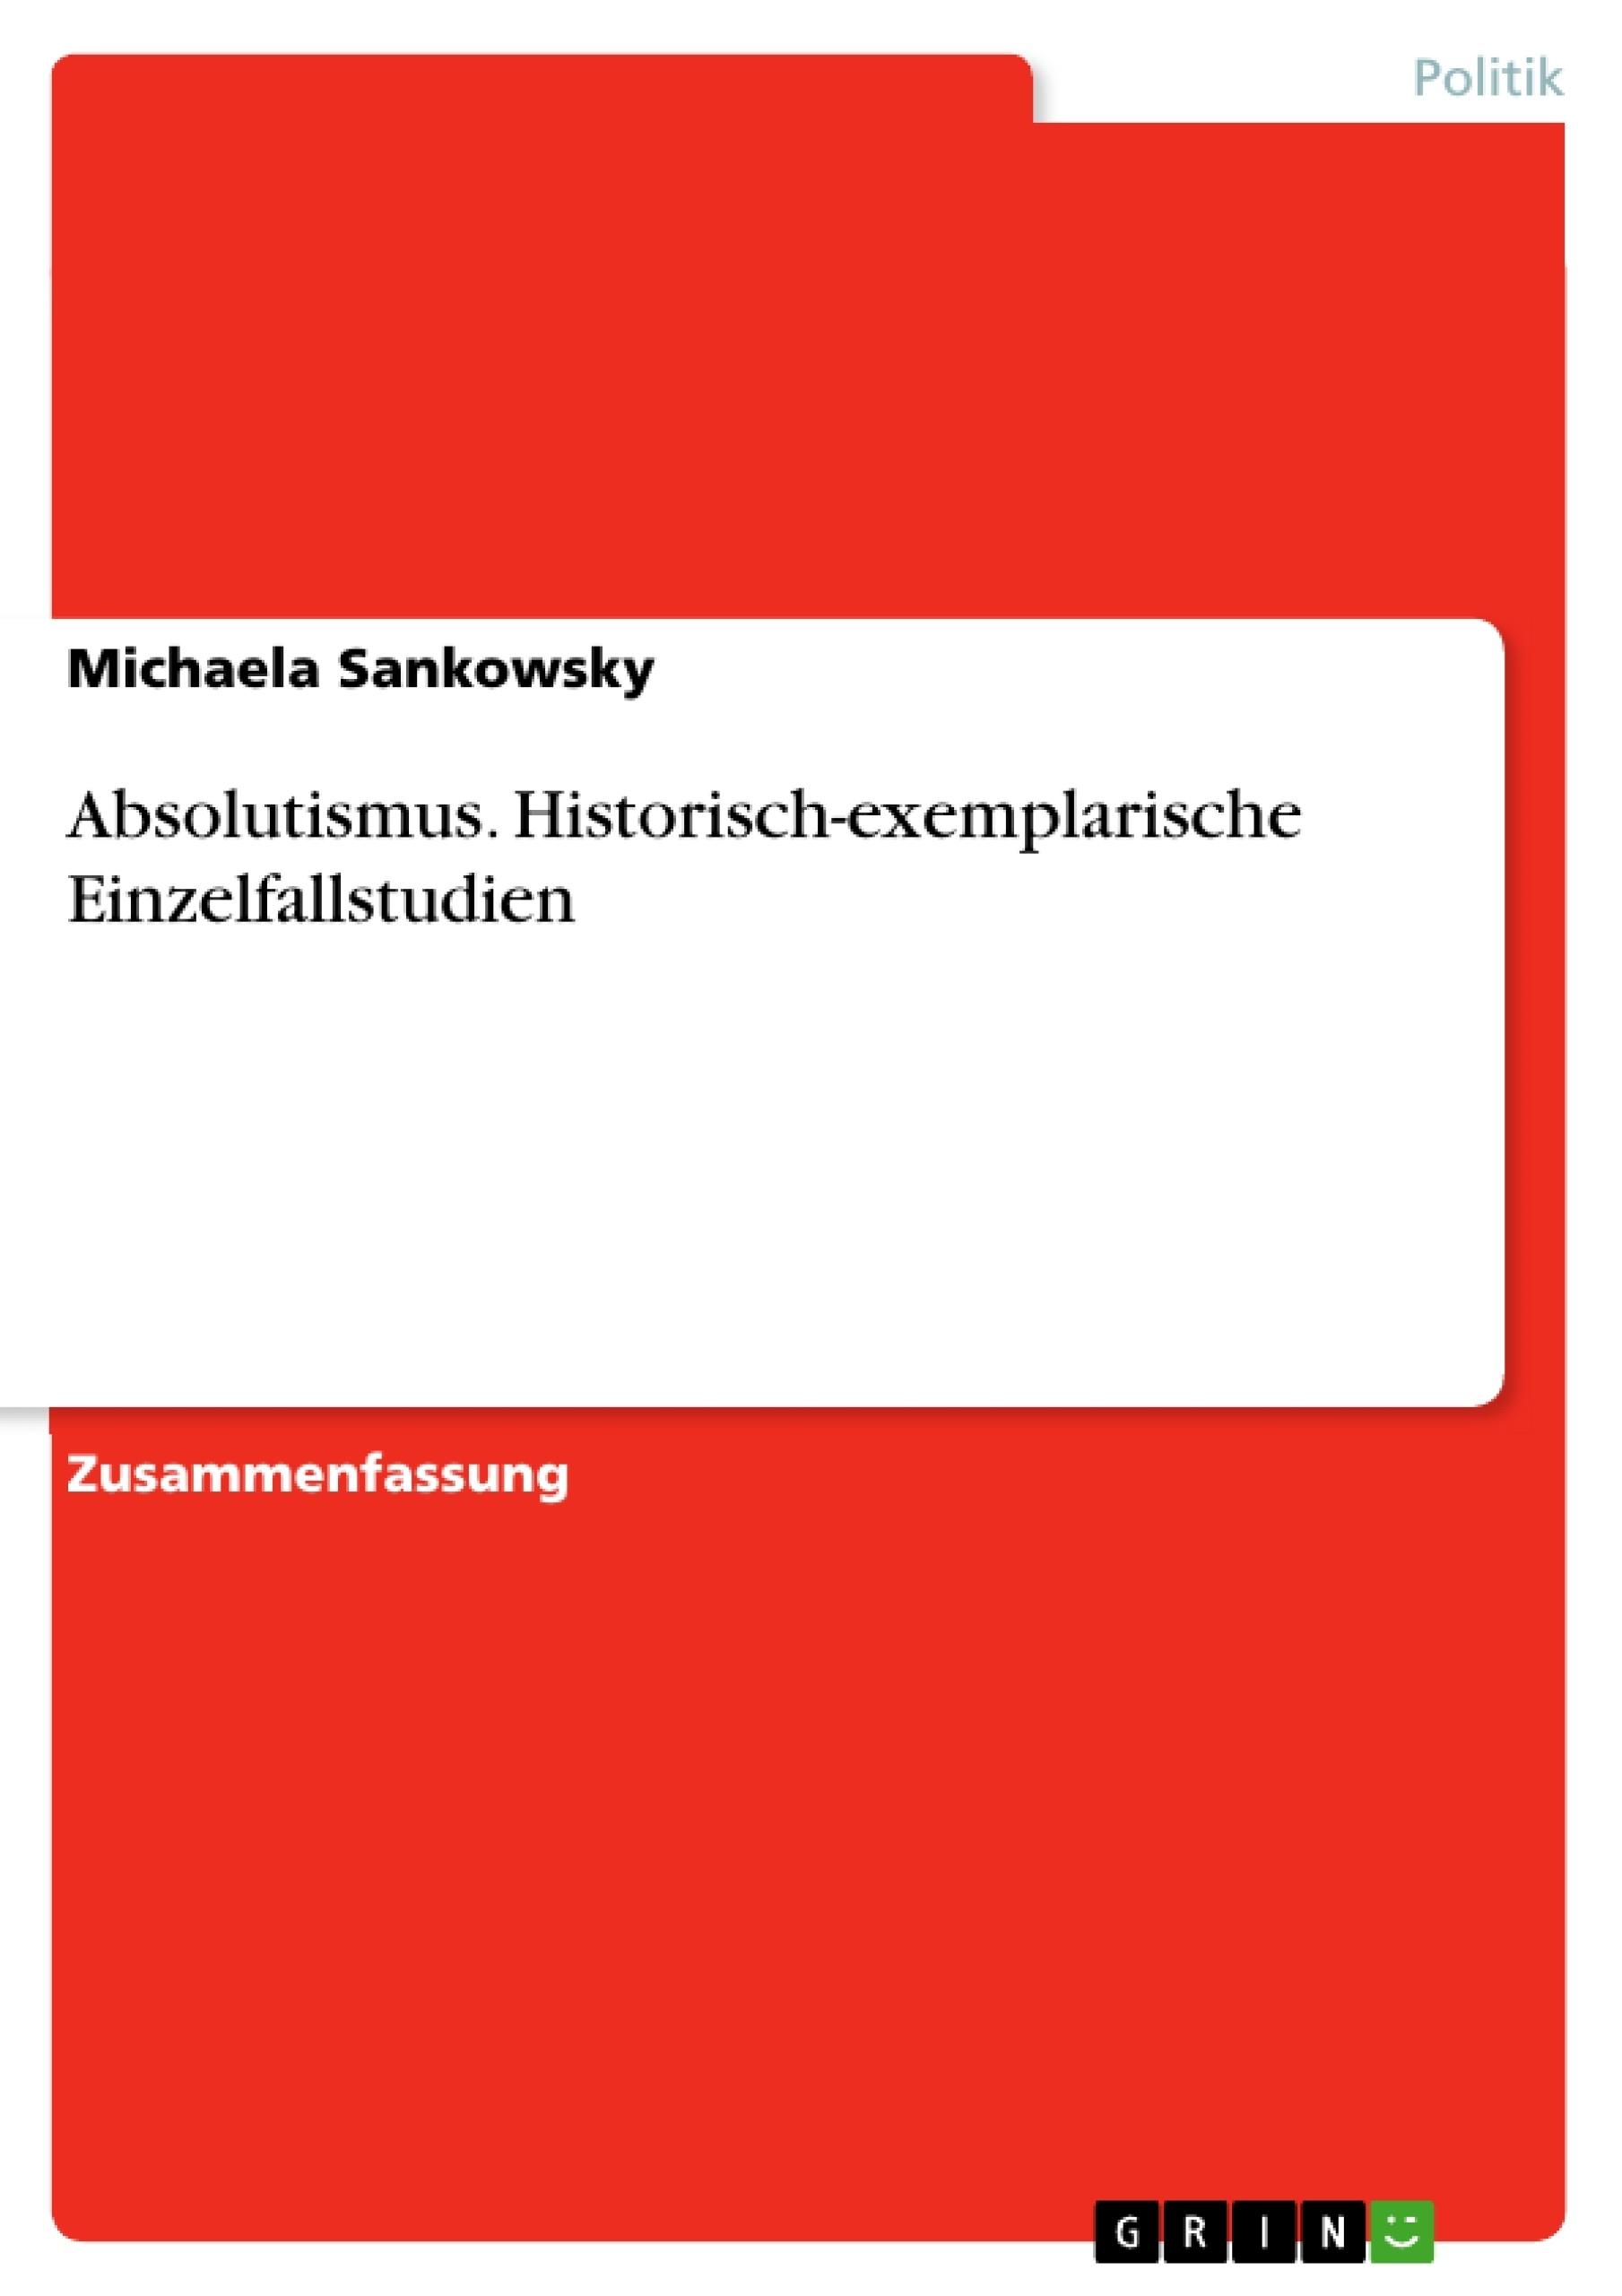 Titel: Absolutismus. Historisch-exemplarische Einzelfallstudien